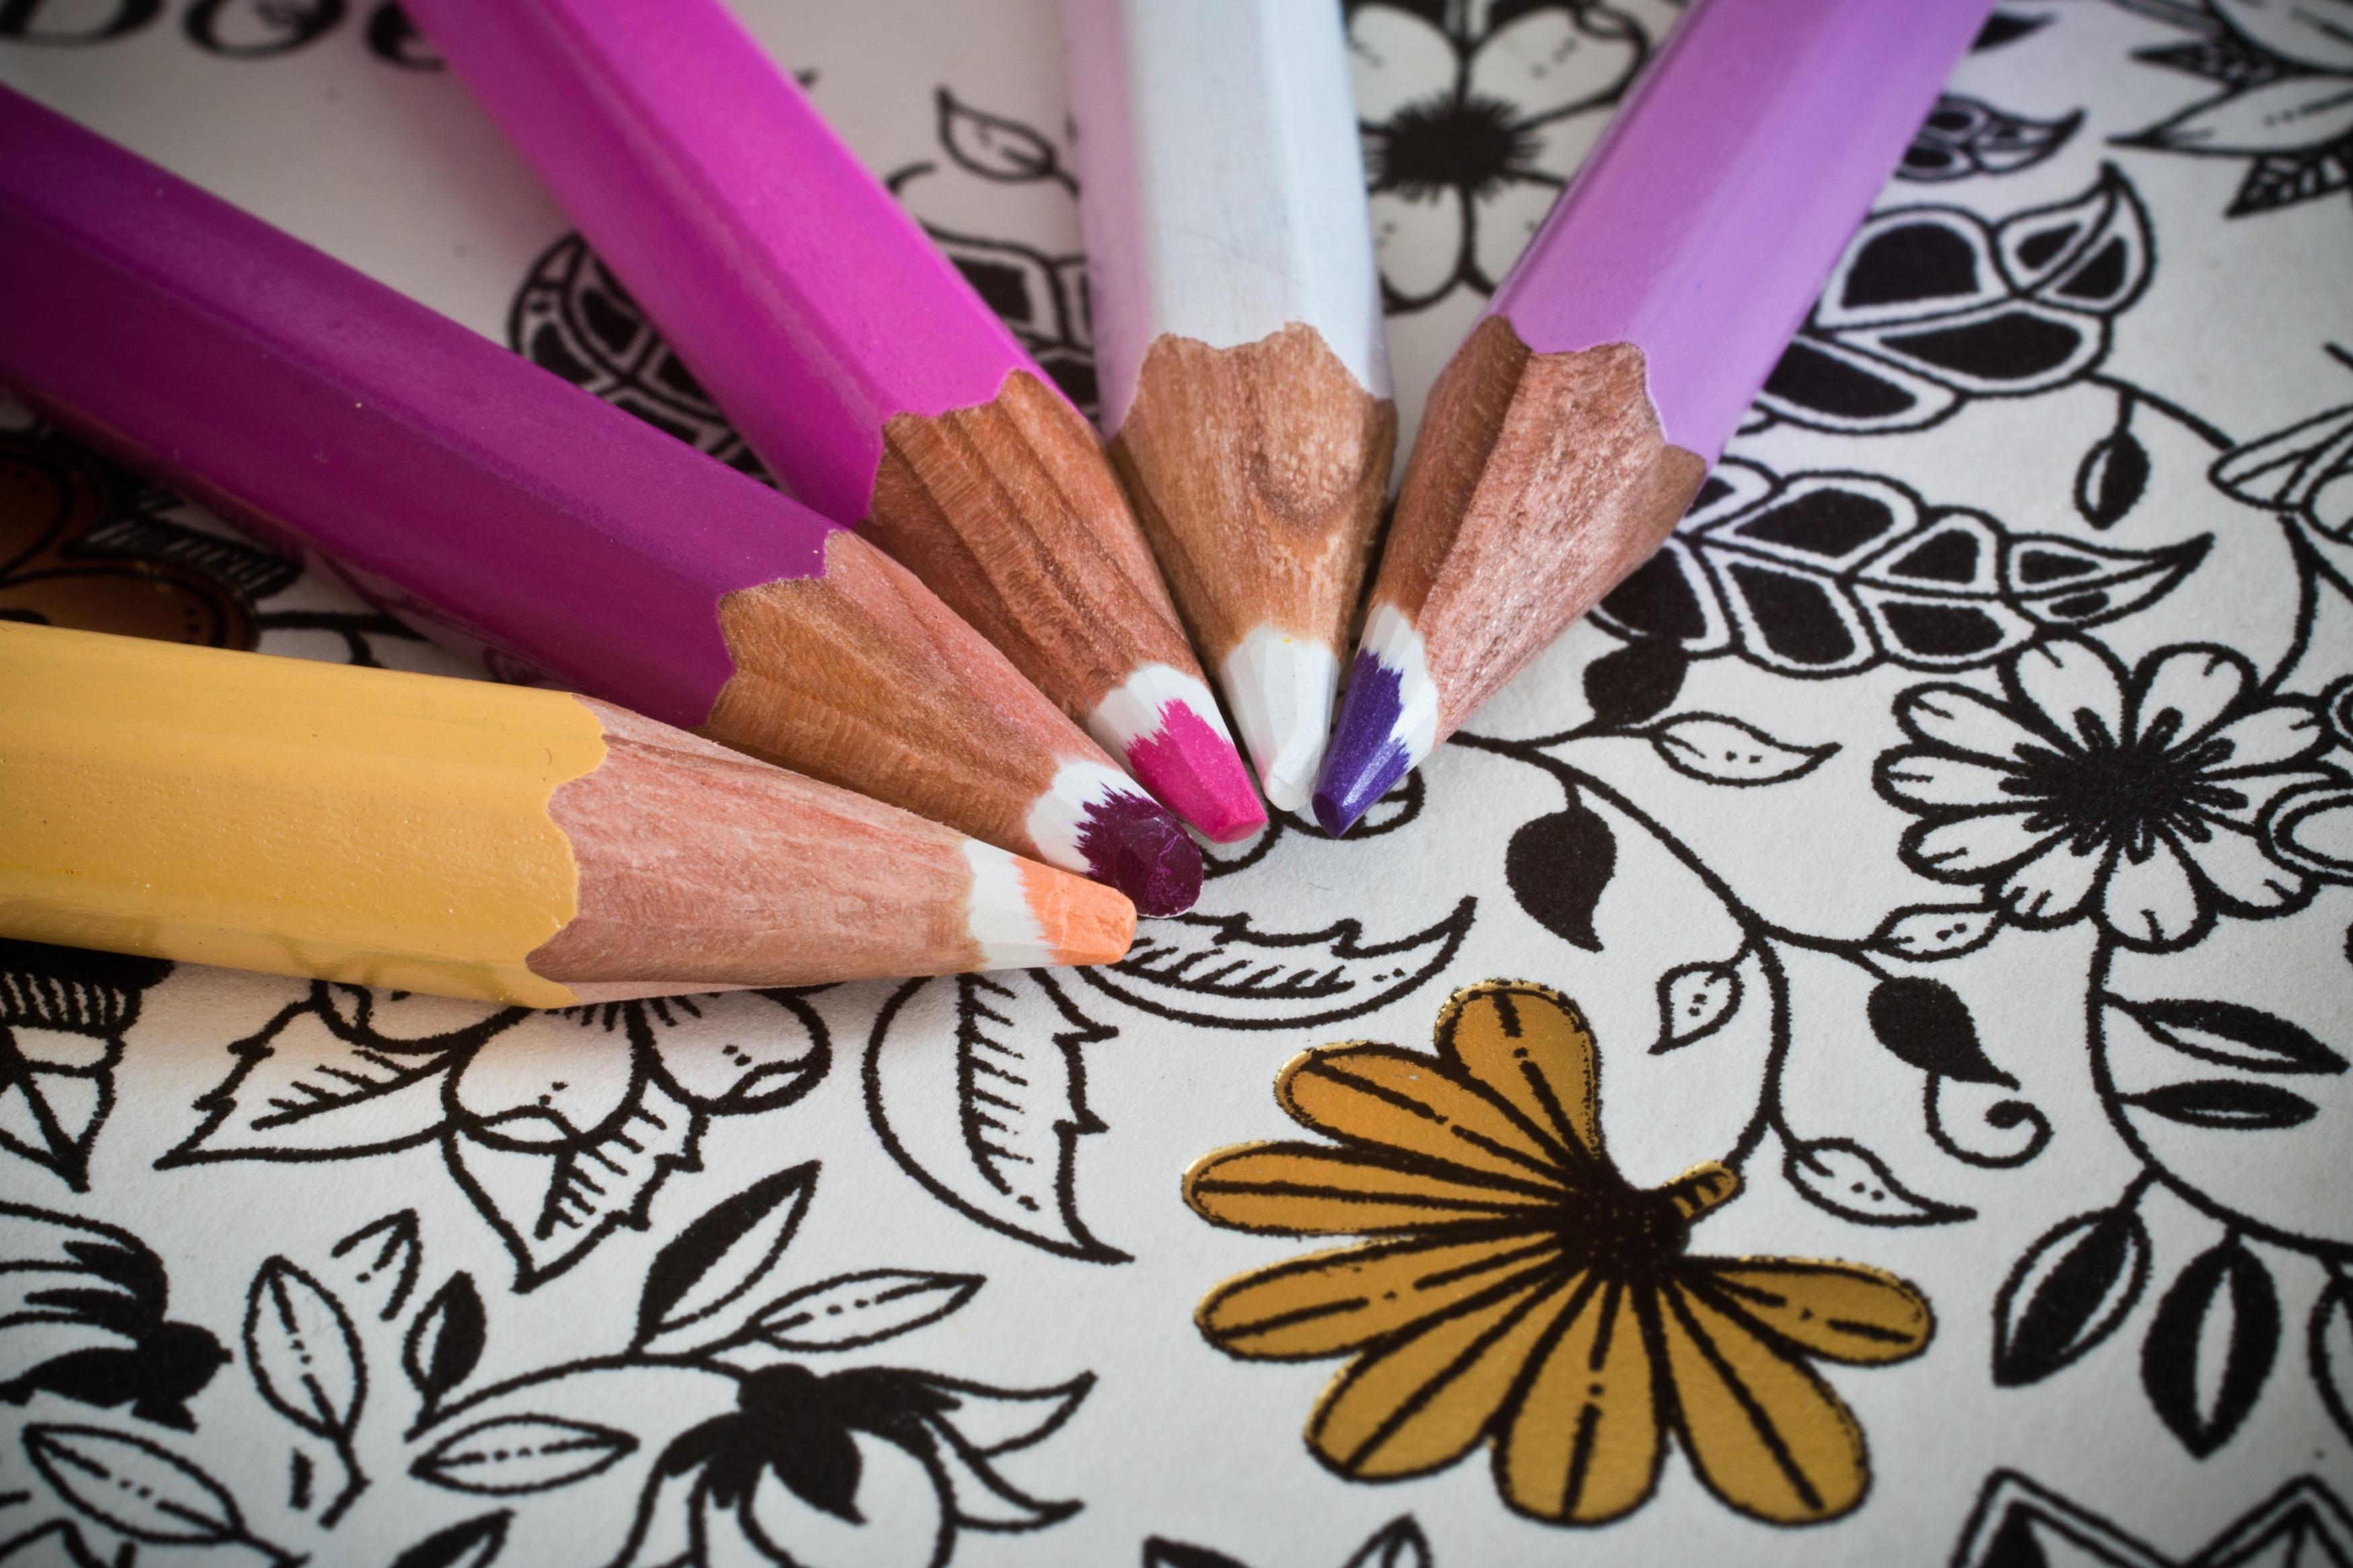 Kostenlose foto : Schreiben, Hand, kreativ, Muster, Finger, Farbe ...